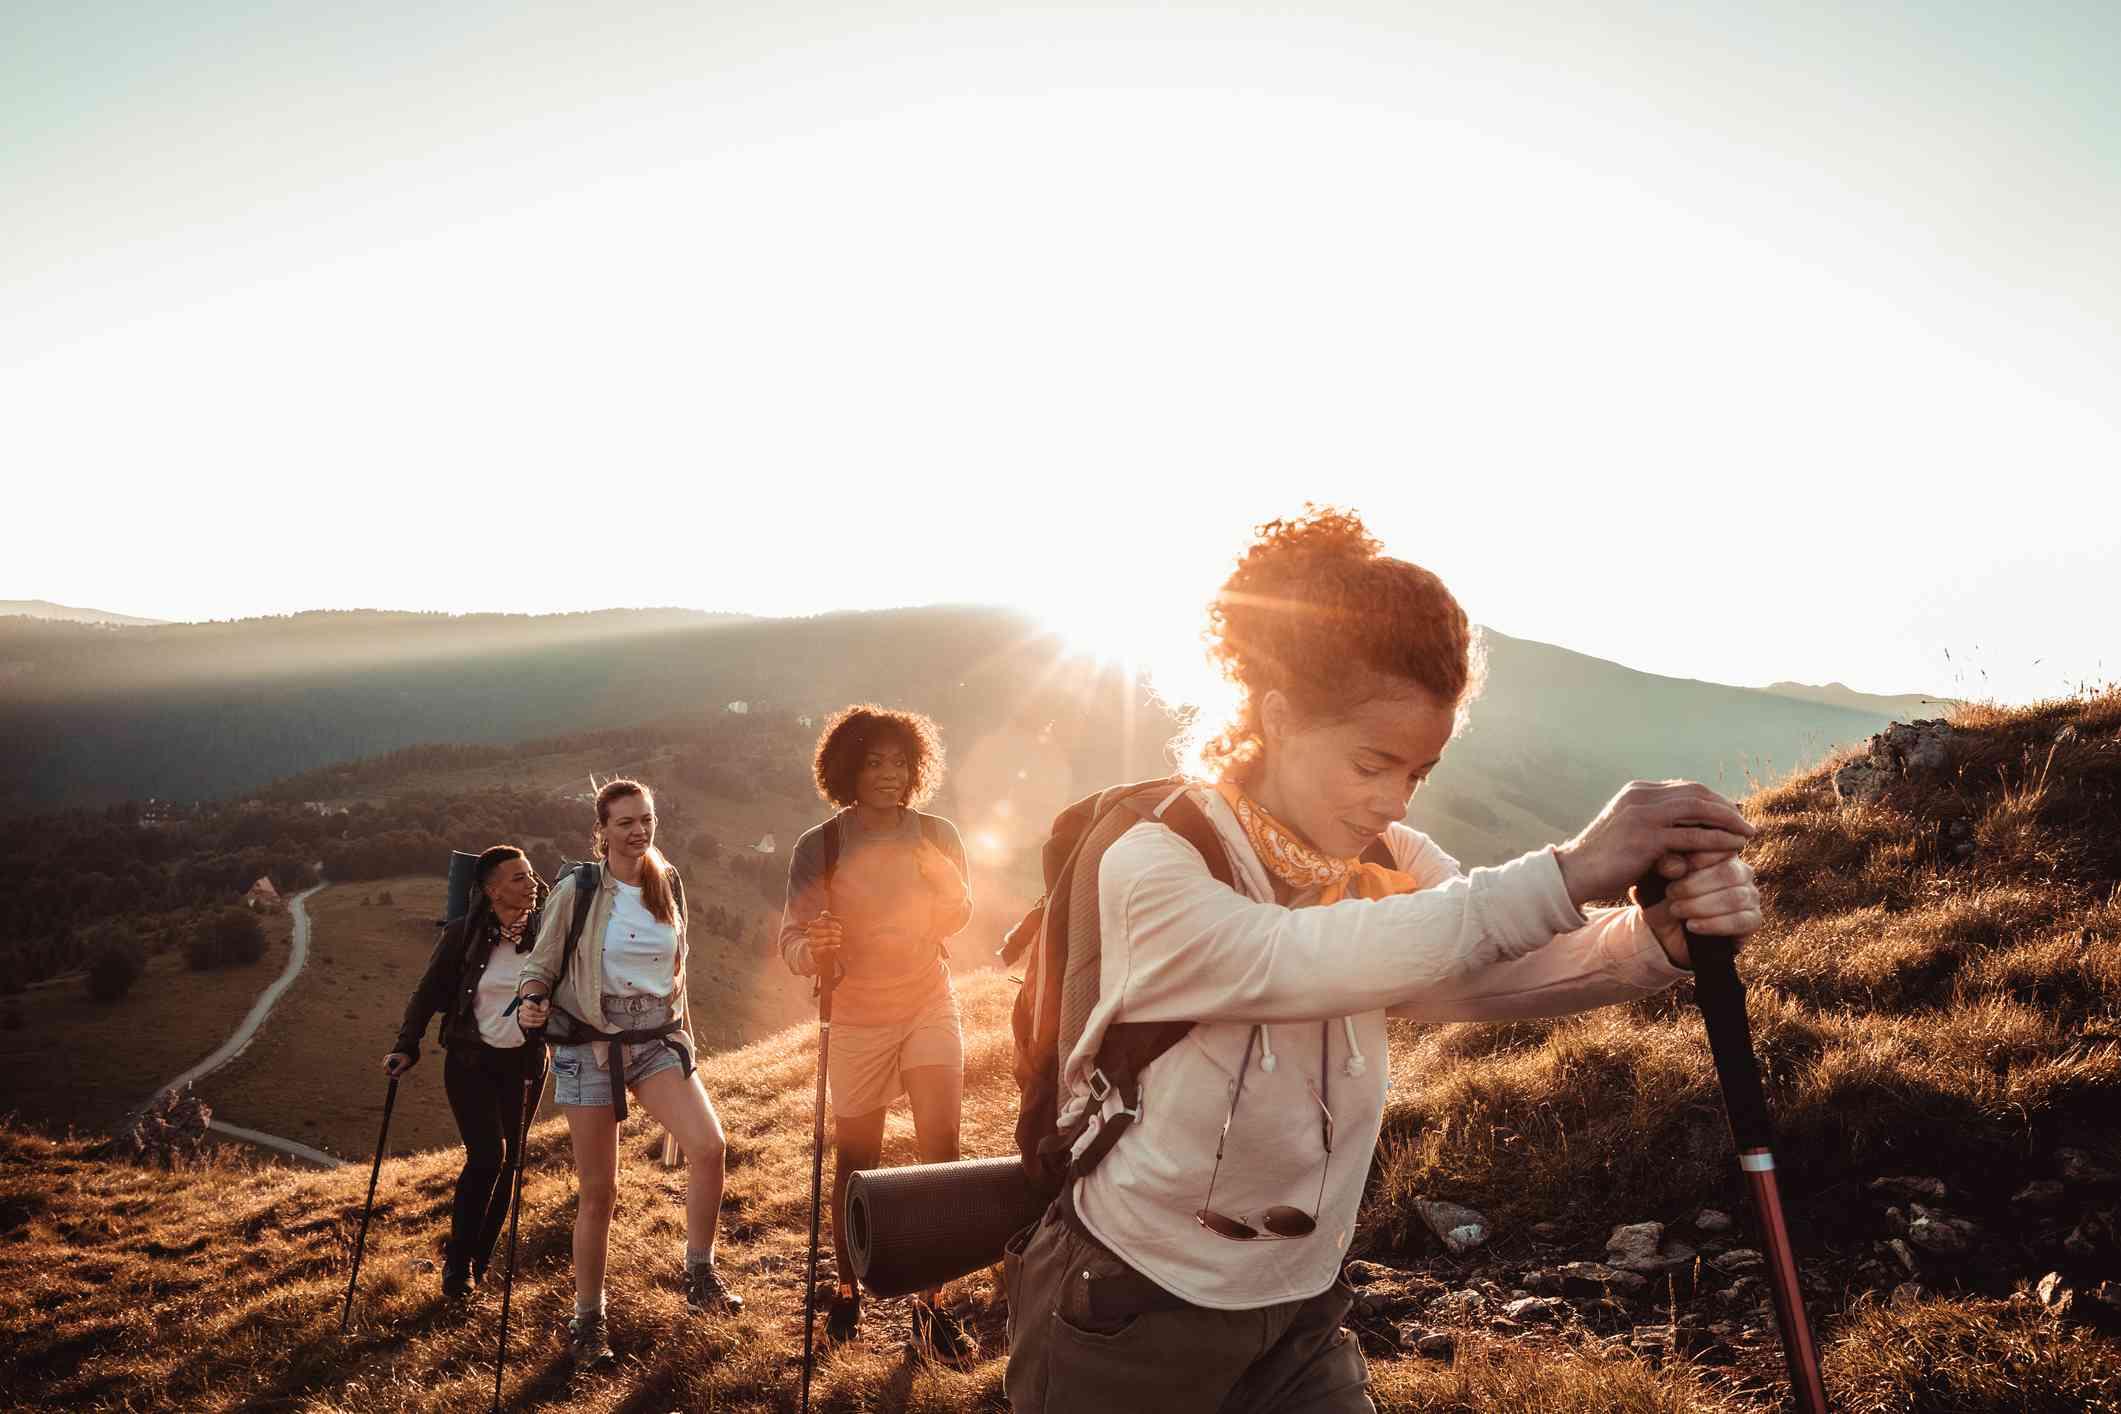 Four women hiking